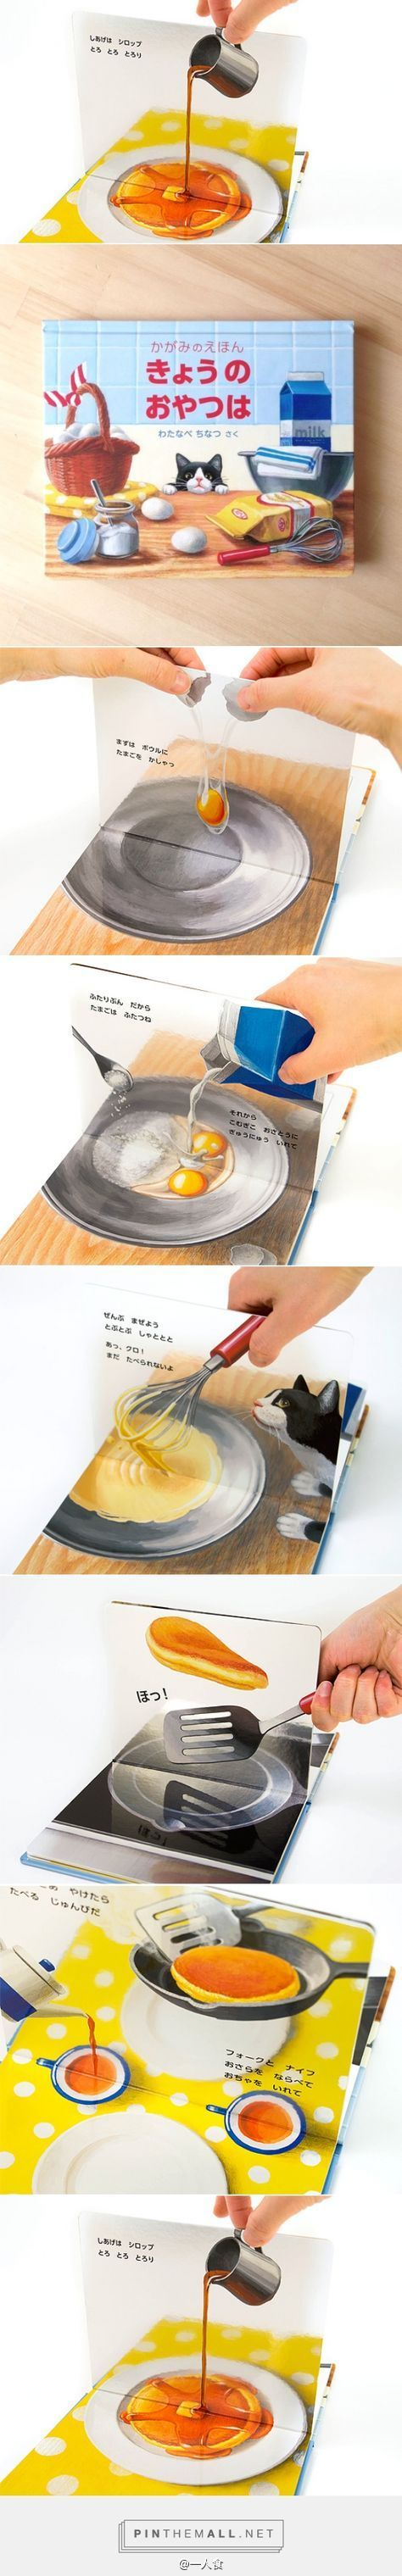 谁说纸质书已死?造本作家渡边千夏的作品《き1ょうのおやつは》(今日的零食)就相当有趣啊!